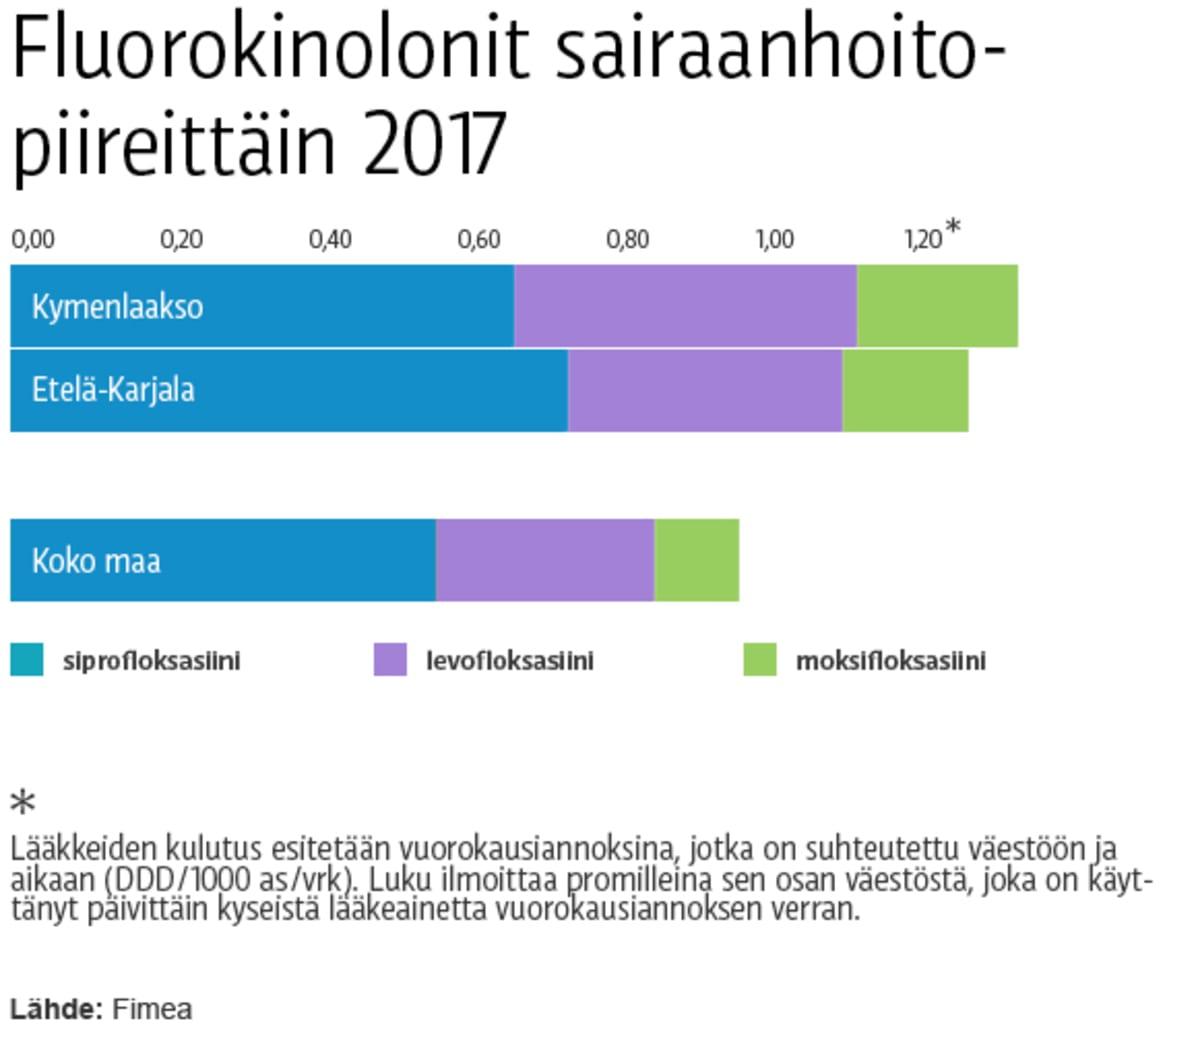 Graafi fluorokinolonien käytöstä 2017